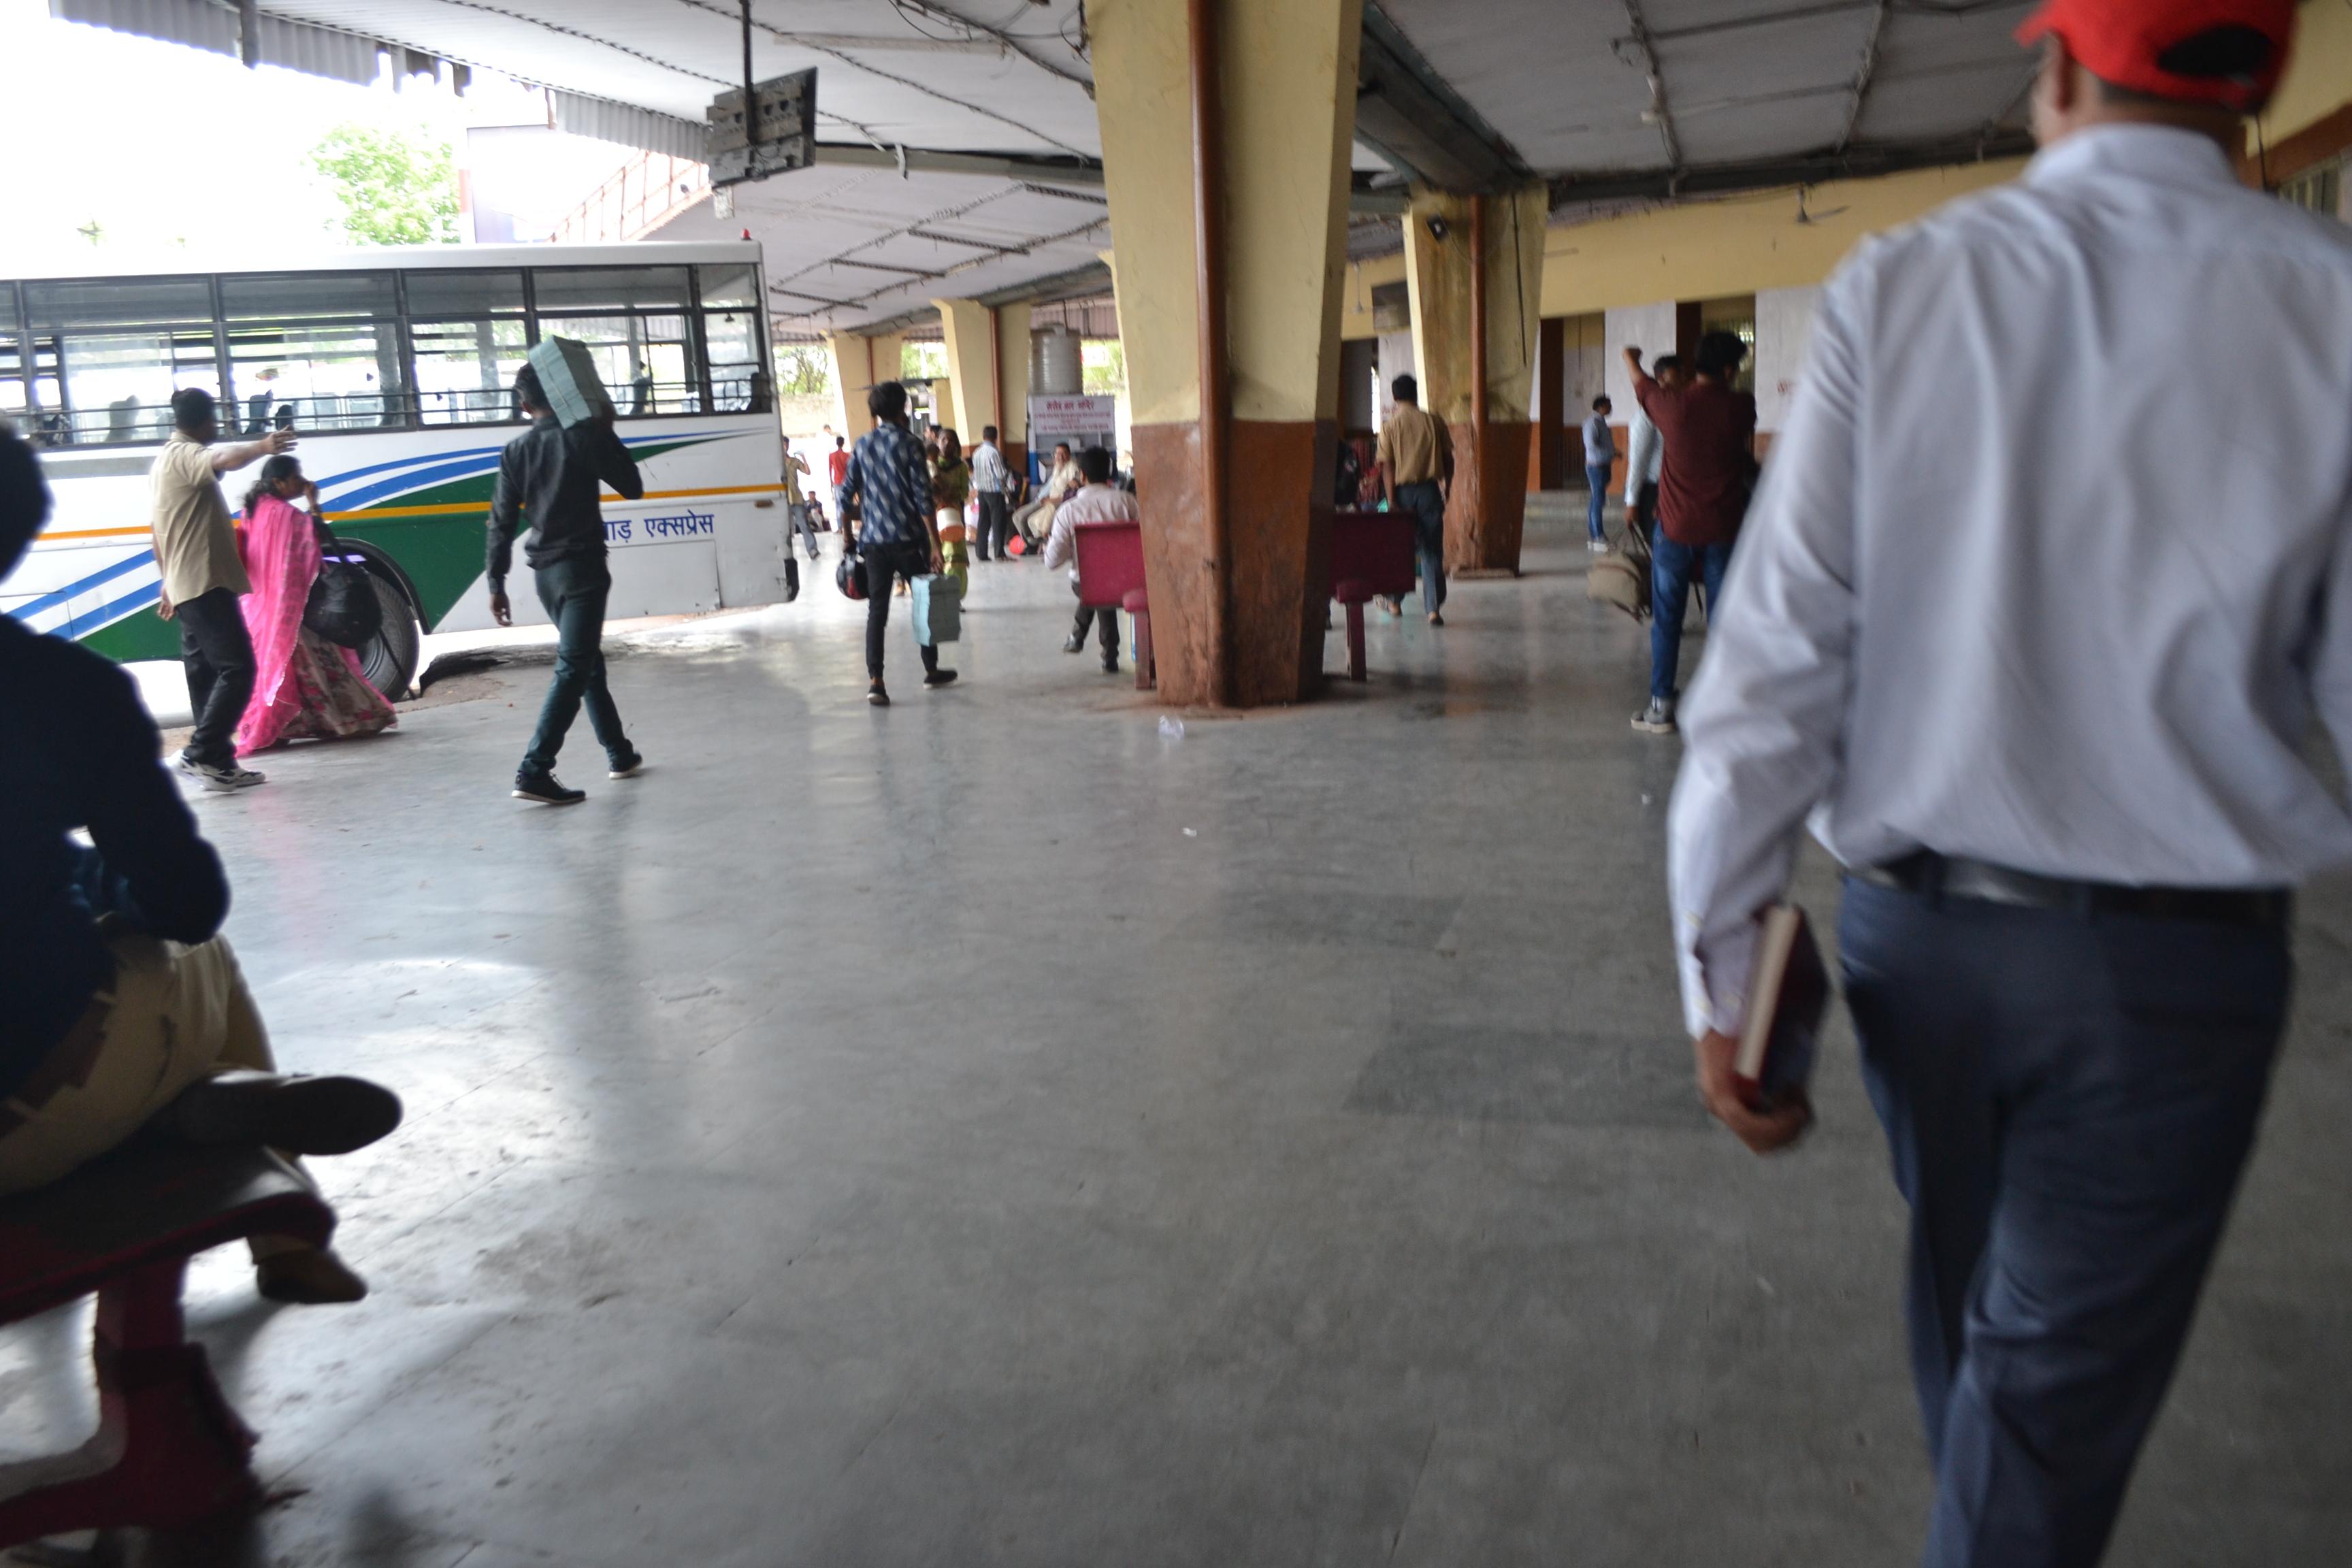 Patrika Impact: passengers को नसीब हुआ ठंडा पानी, यूं चमकने लगा बस स्टैंड